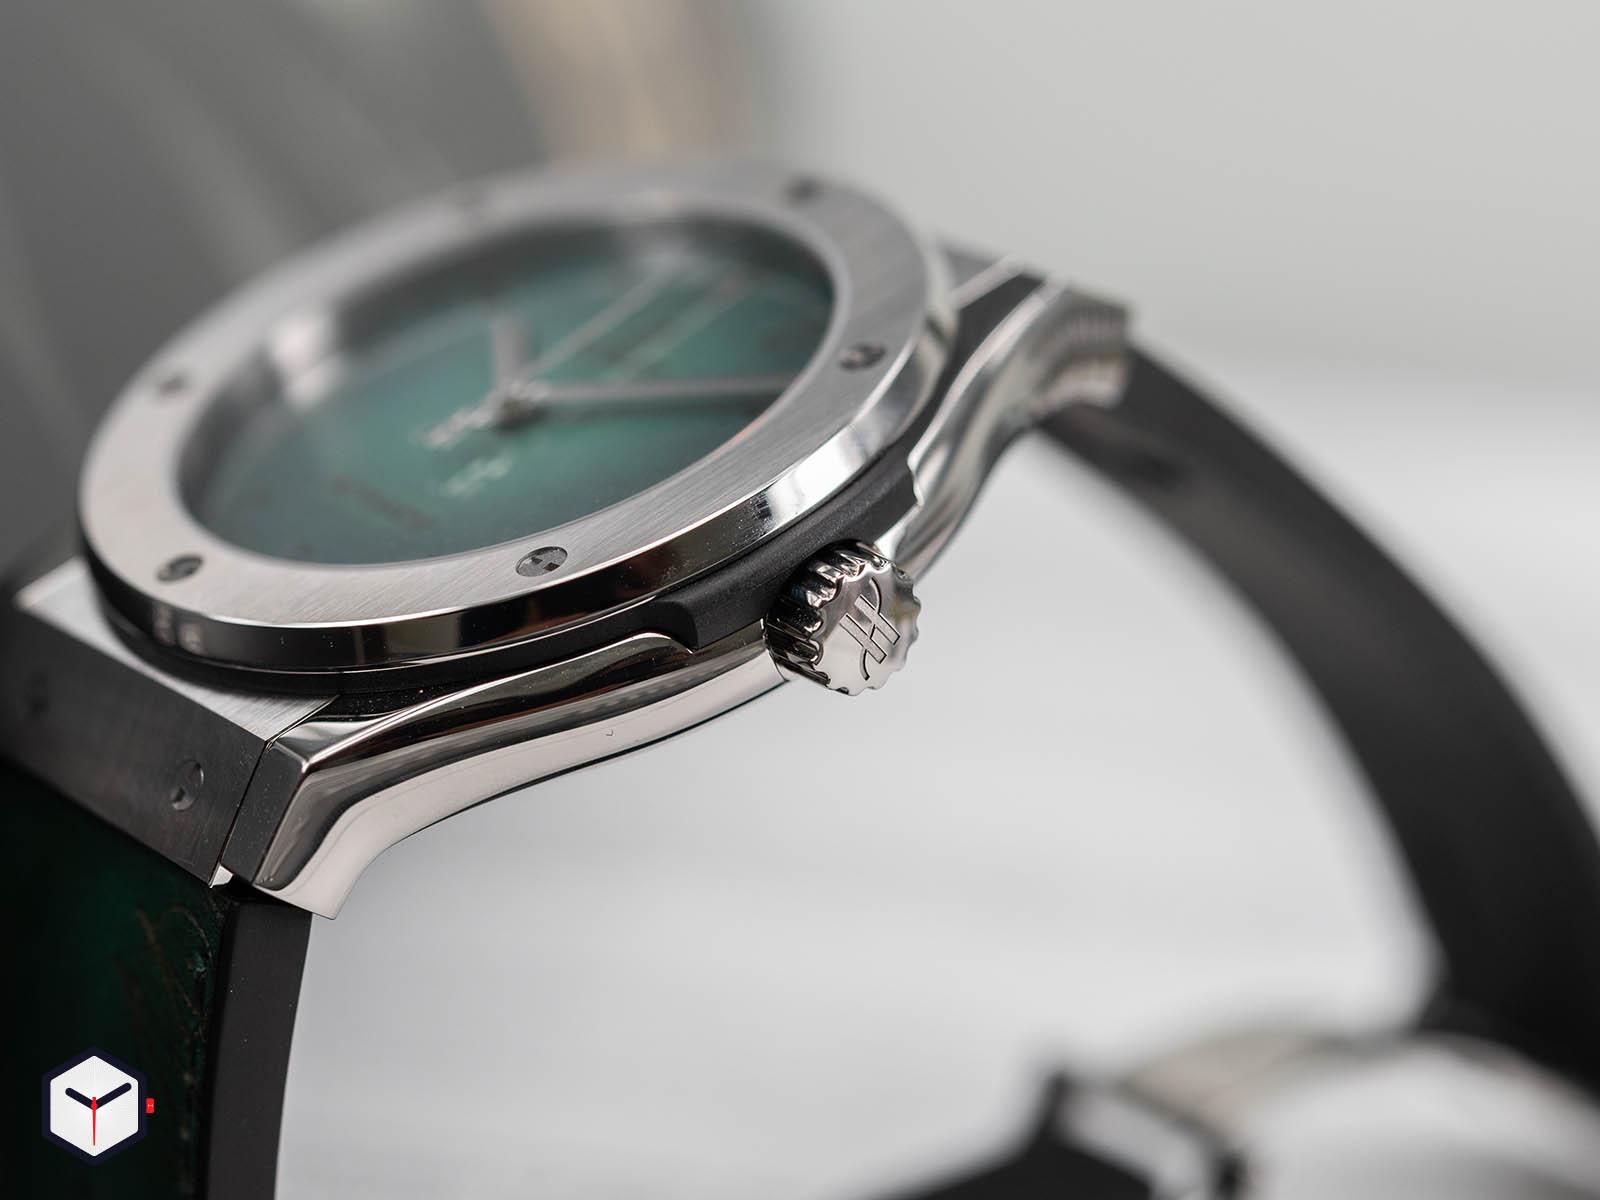 hublot-classic-fusion-berluti-scritto-emerald-green-3.jpg